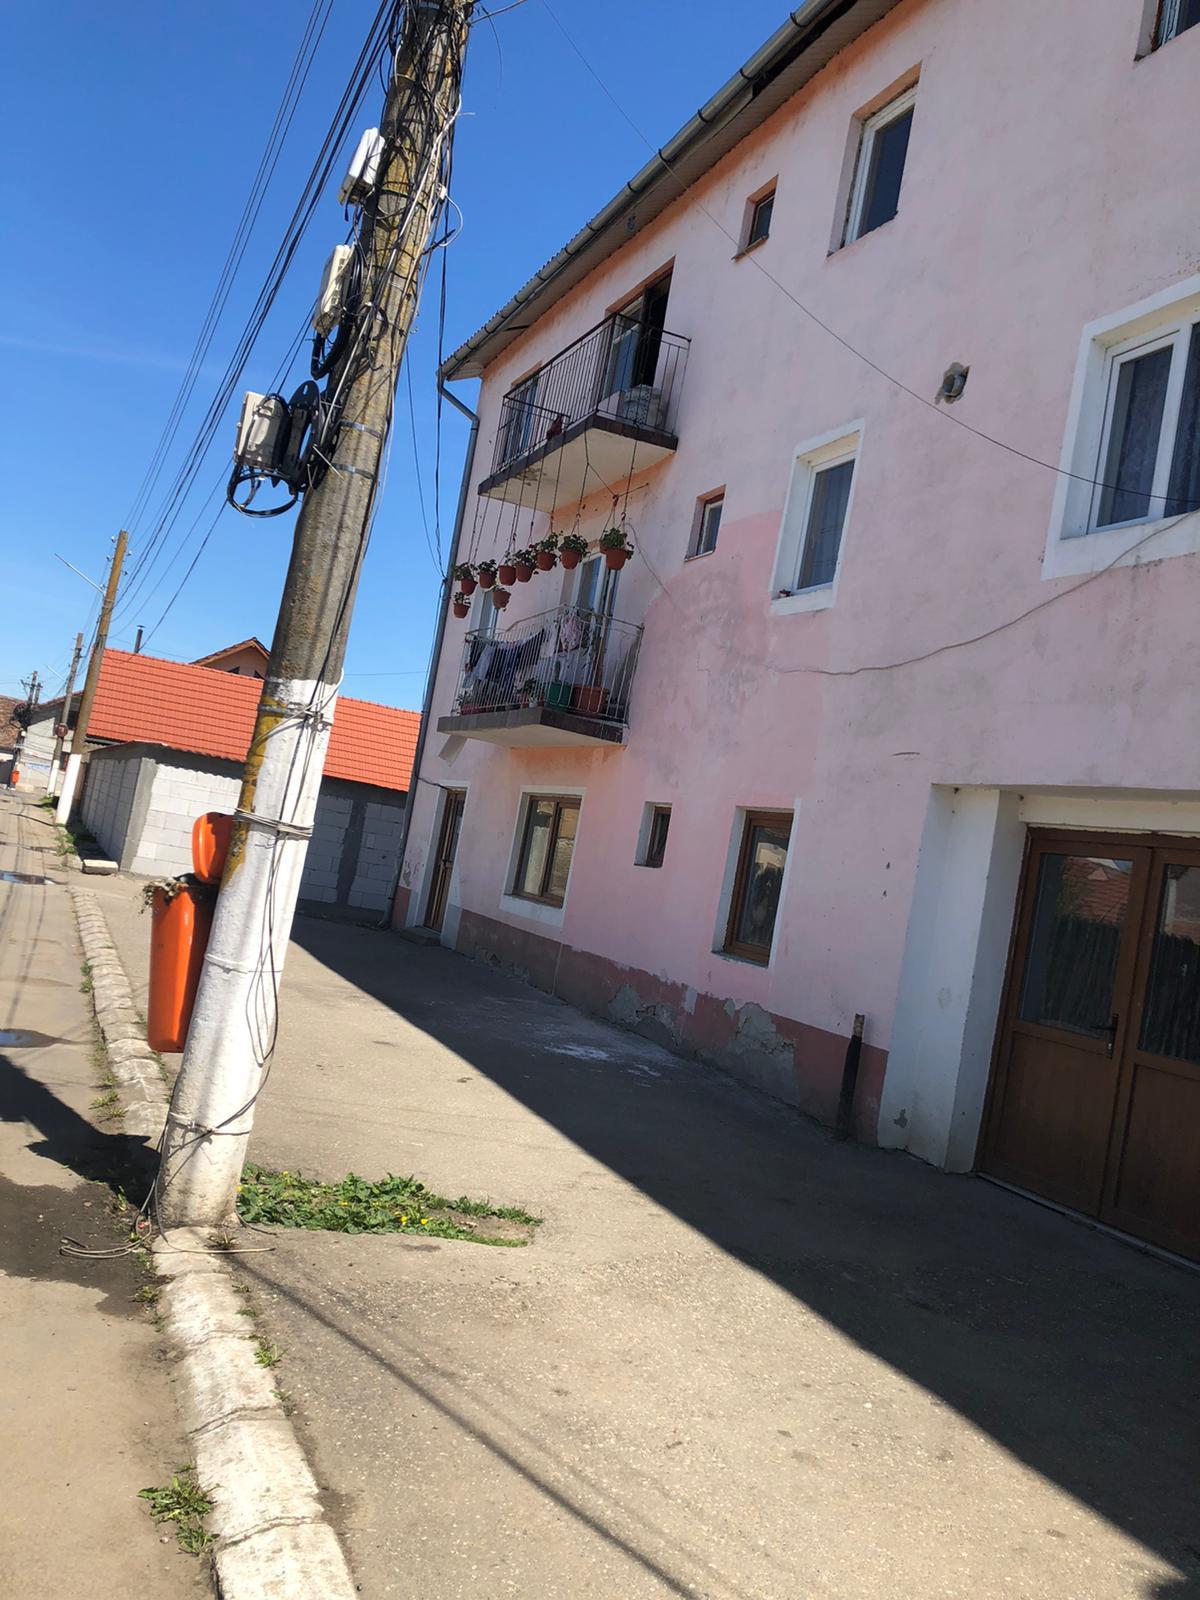 """11 familii, amenințate cu evacuarea din bloc. """"Nu i-am spus lui Dumnezeu """"fă-mă rrom"""", ce vină am eu că sunt așa?"""""""